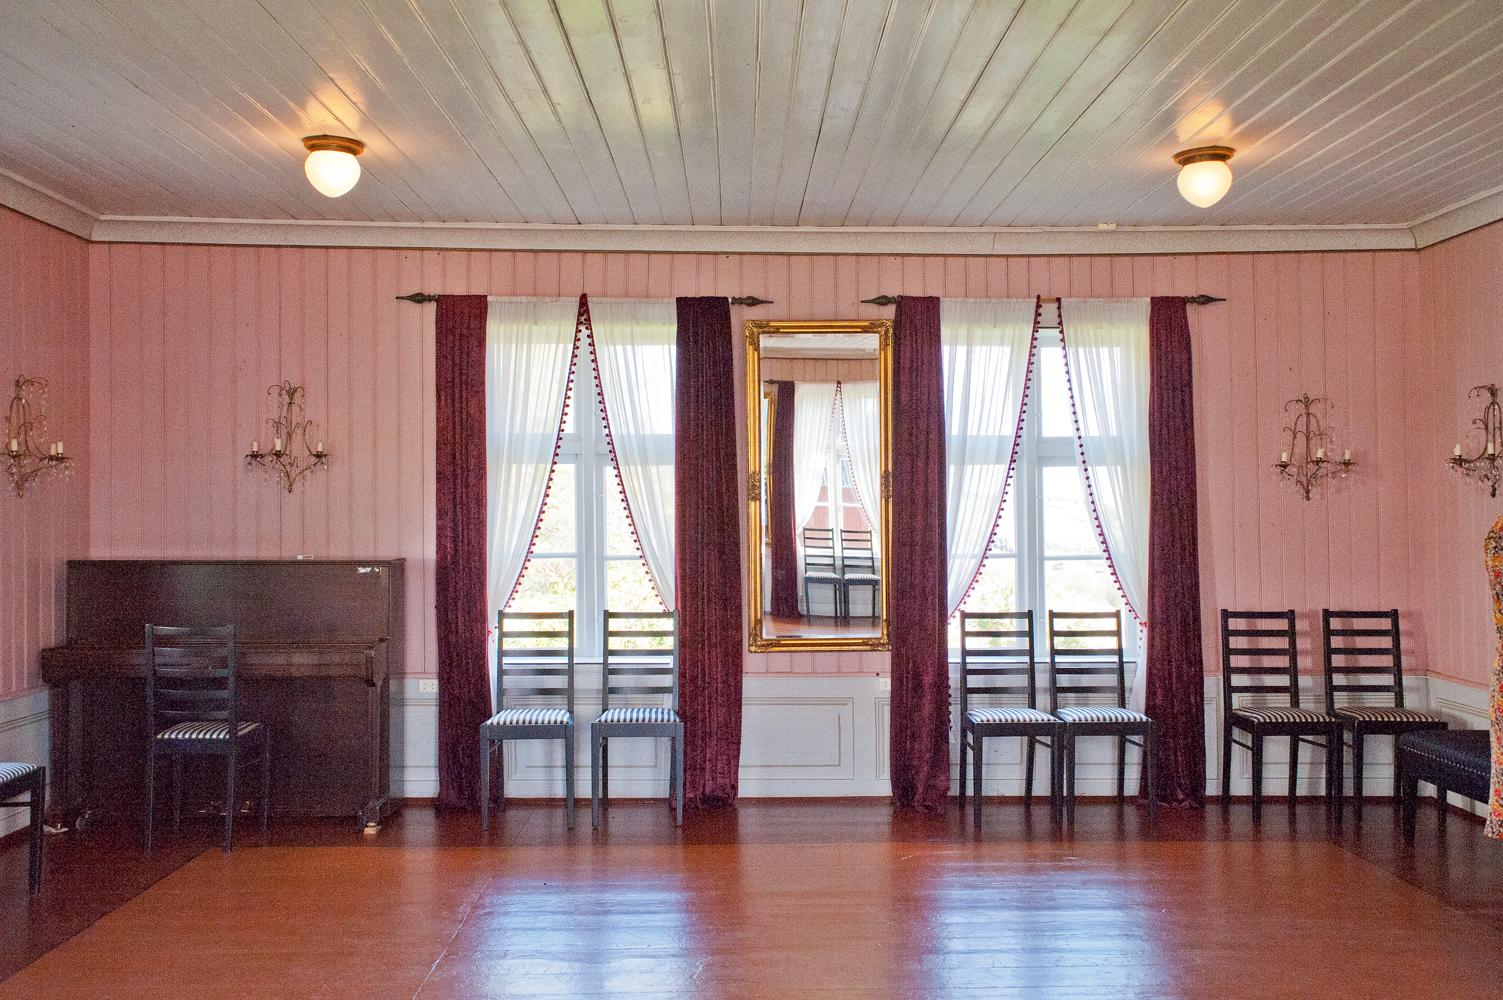 Ballsalen i føderådsbygningen er malt gammelrosa med dekorert brystning.